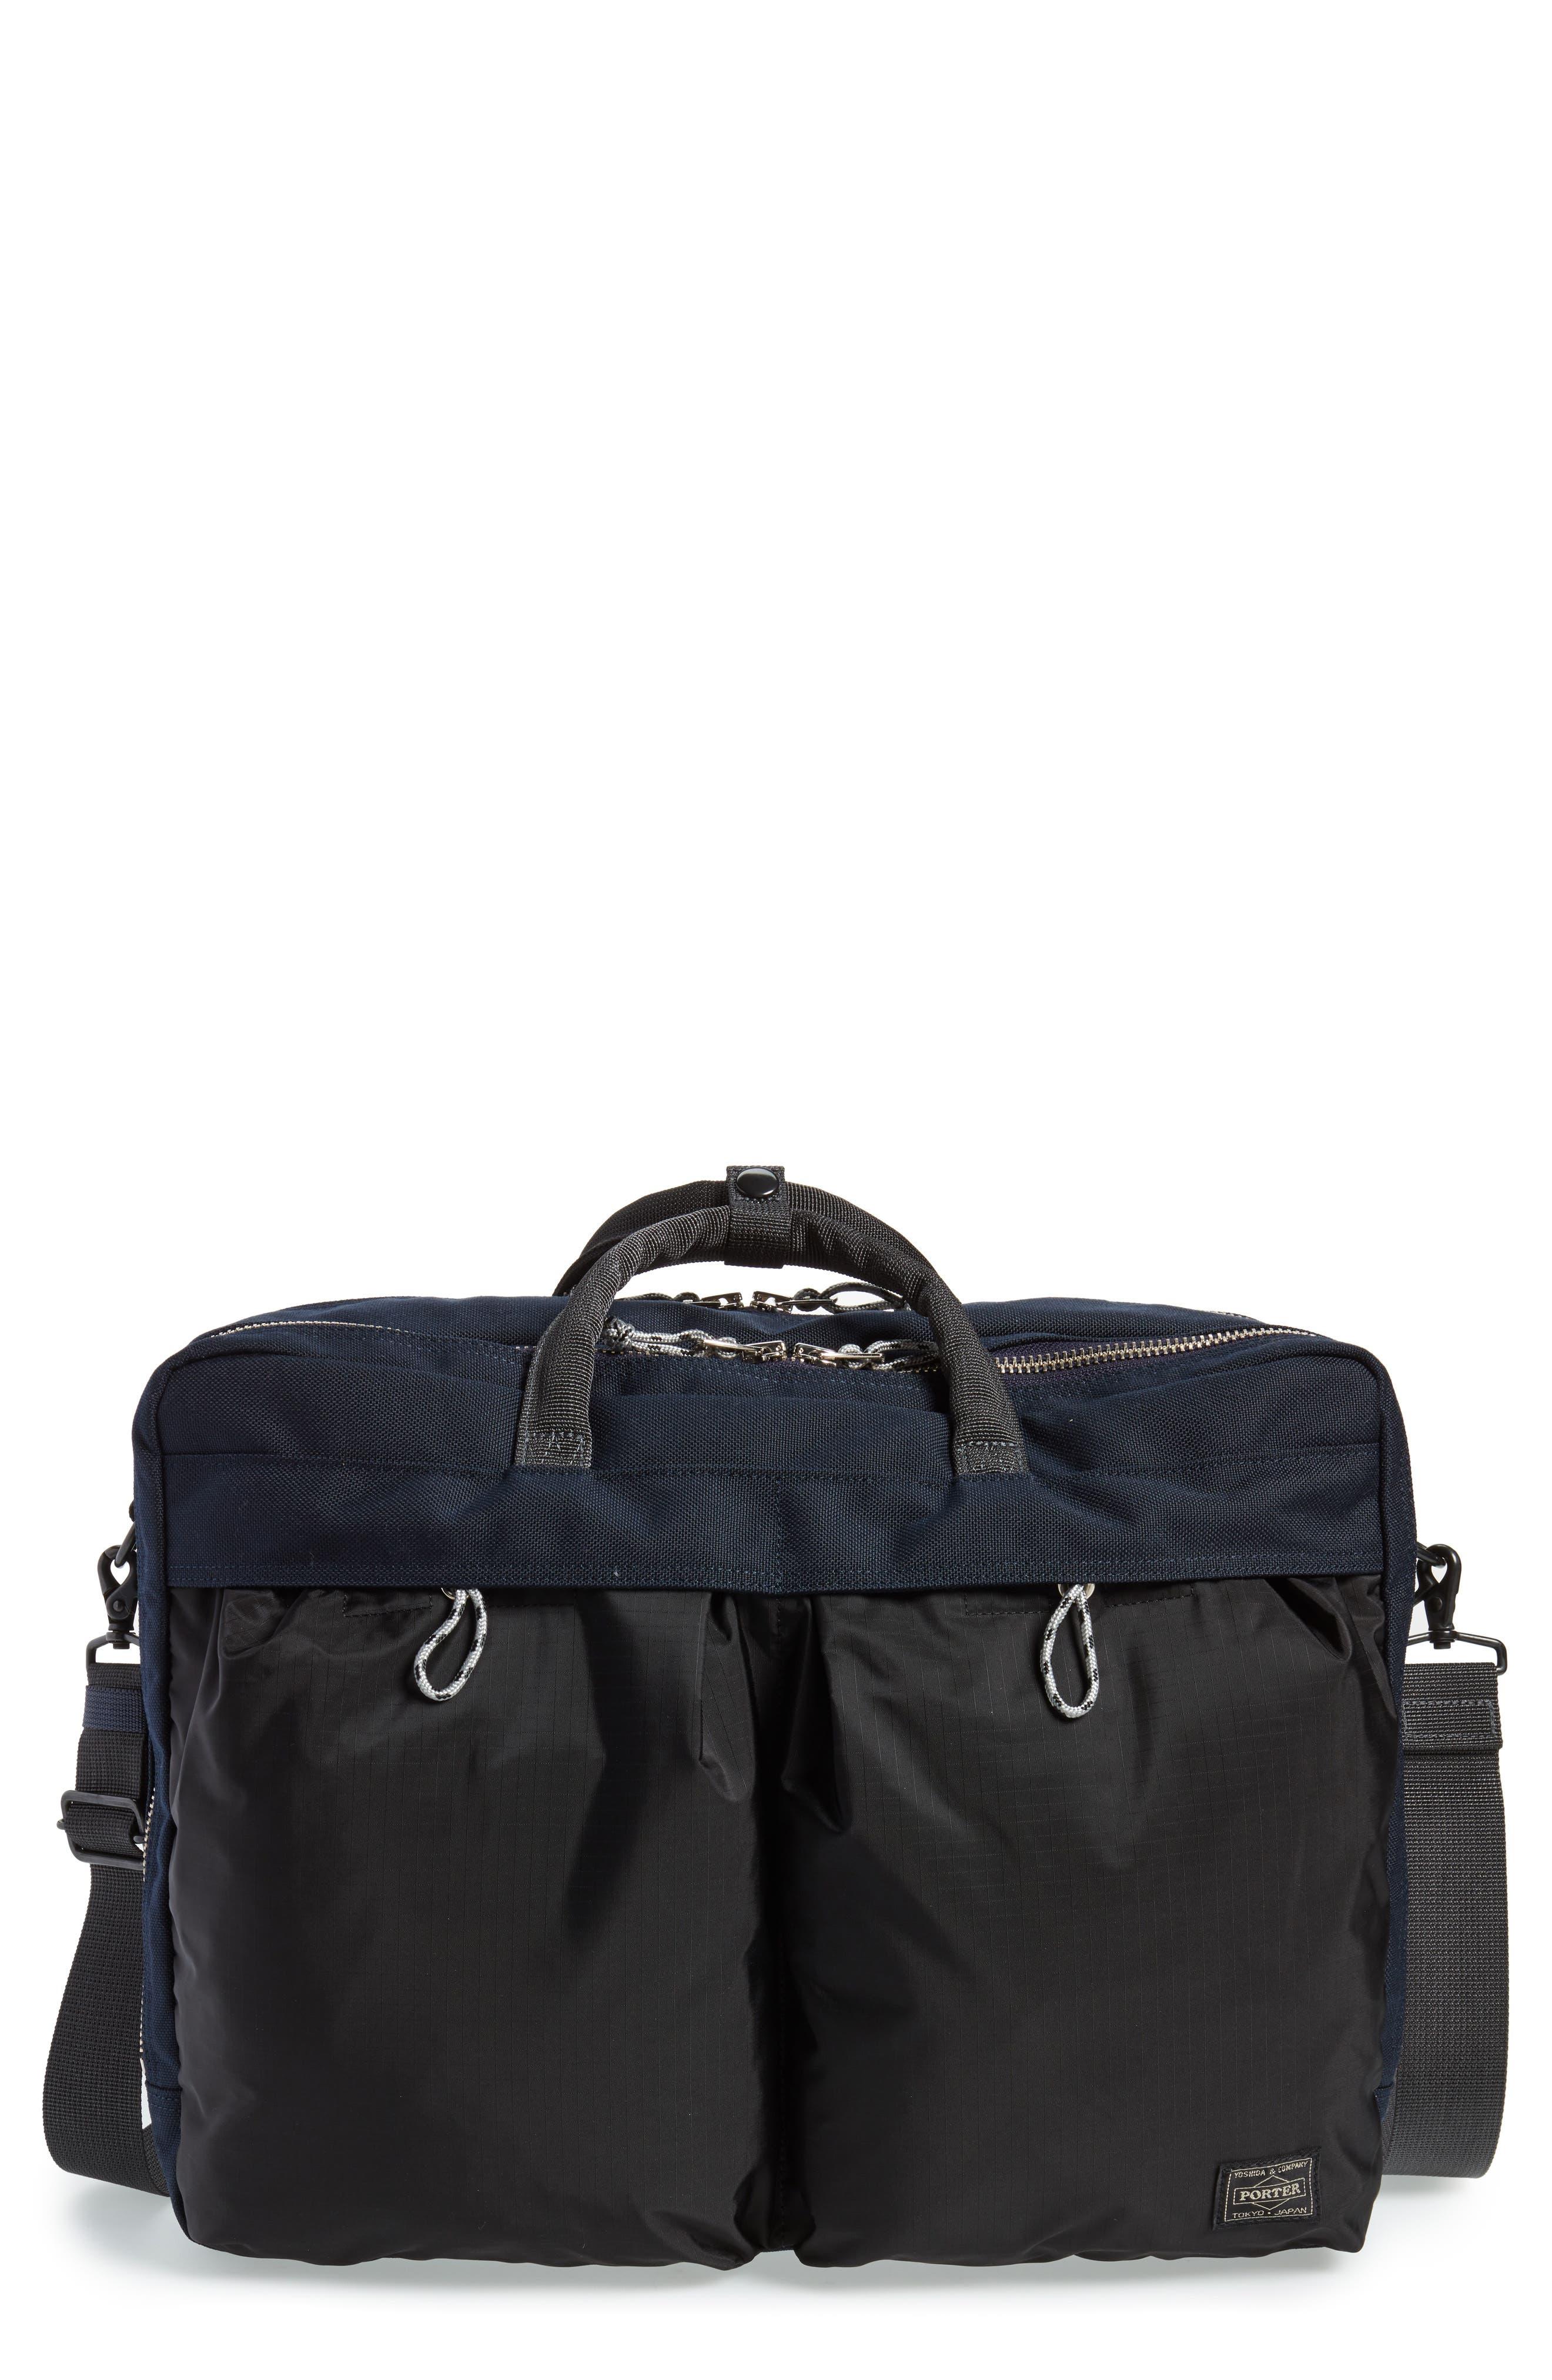 Porter-Yoshida & Co. Hype Convertible Briefcase,                         Main,                         color, Navy/ Black